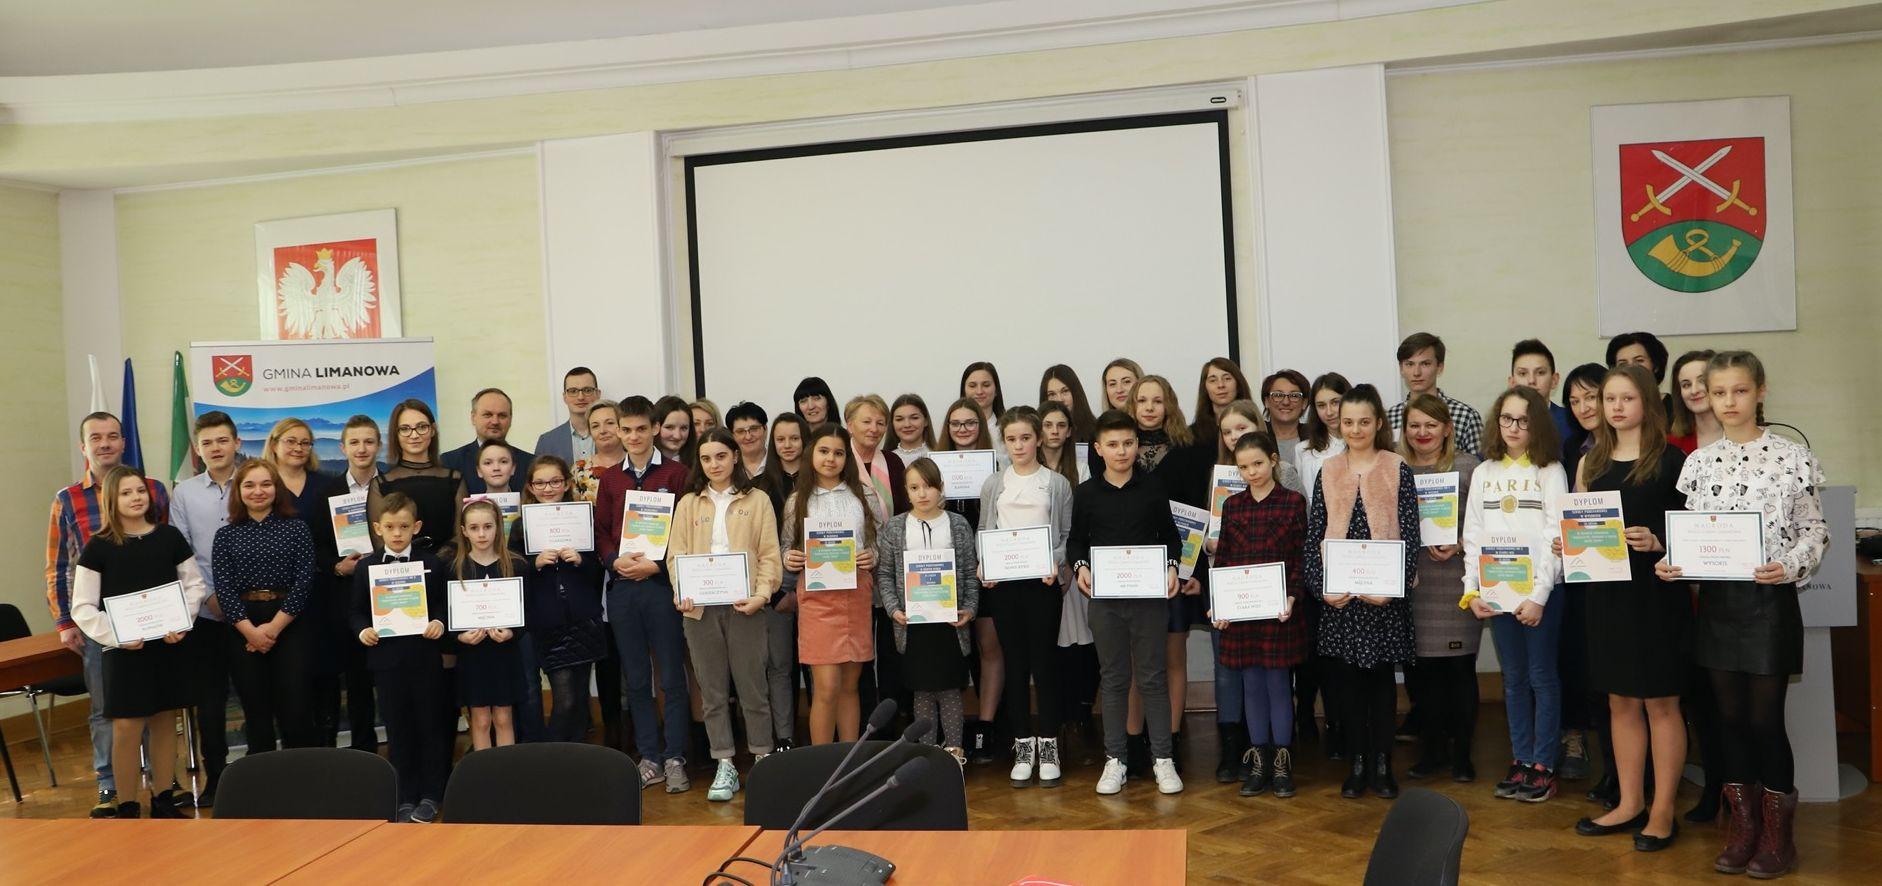 Nagrodzono zwycięskie szkoły w Konkursie zbiórki makulatury - zdjęcie główne